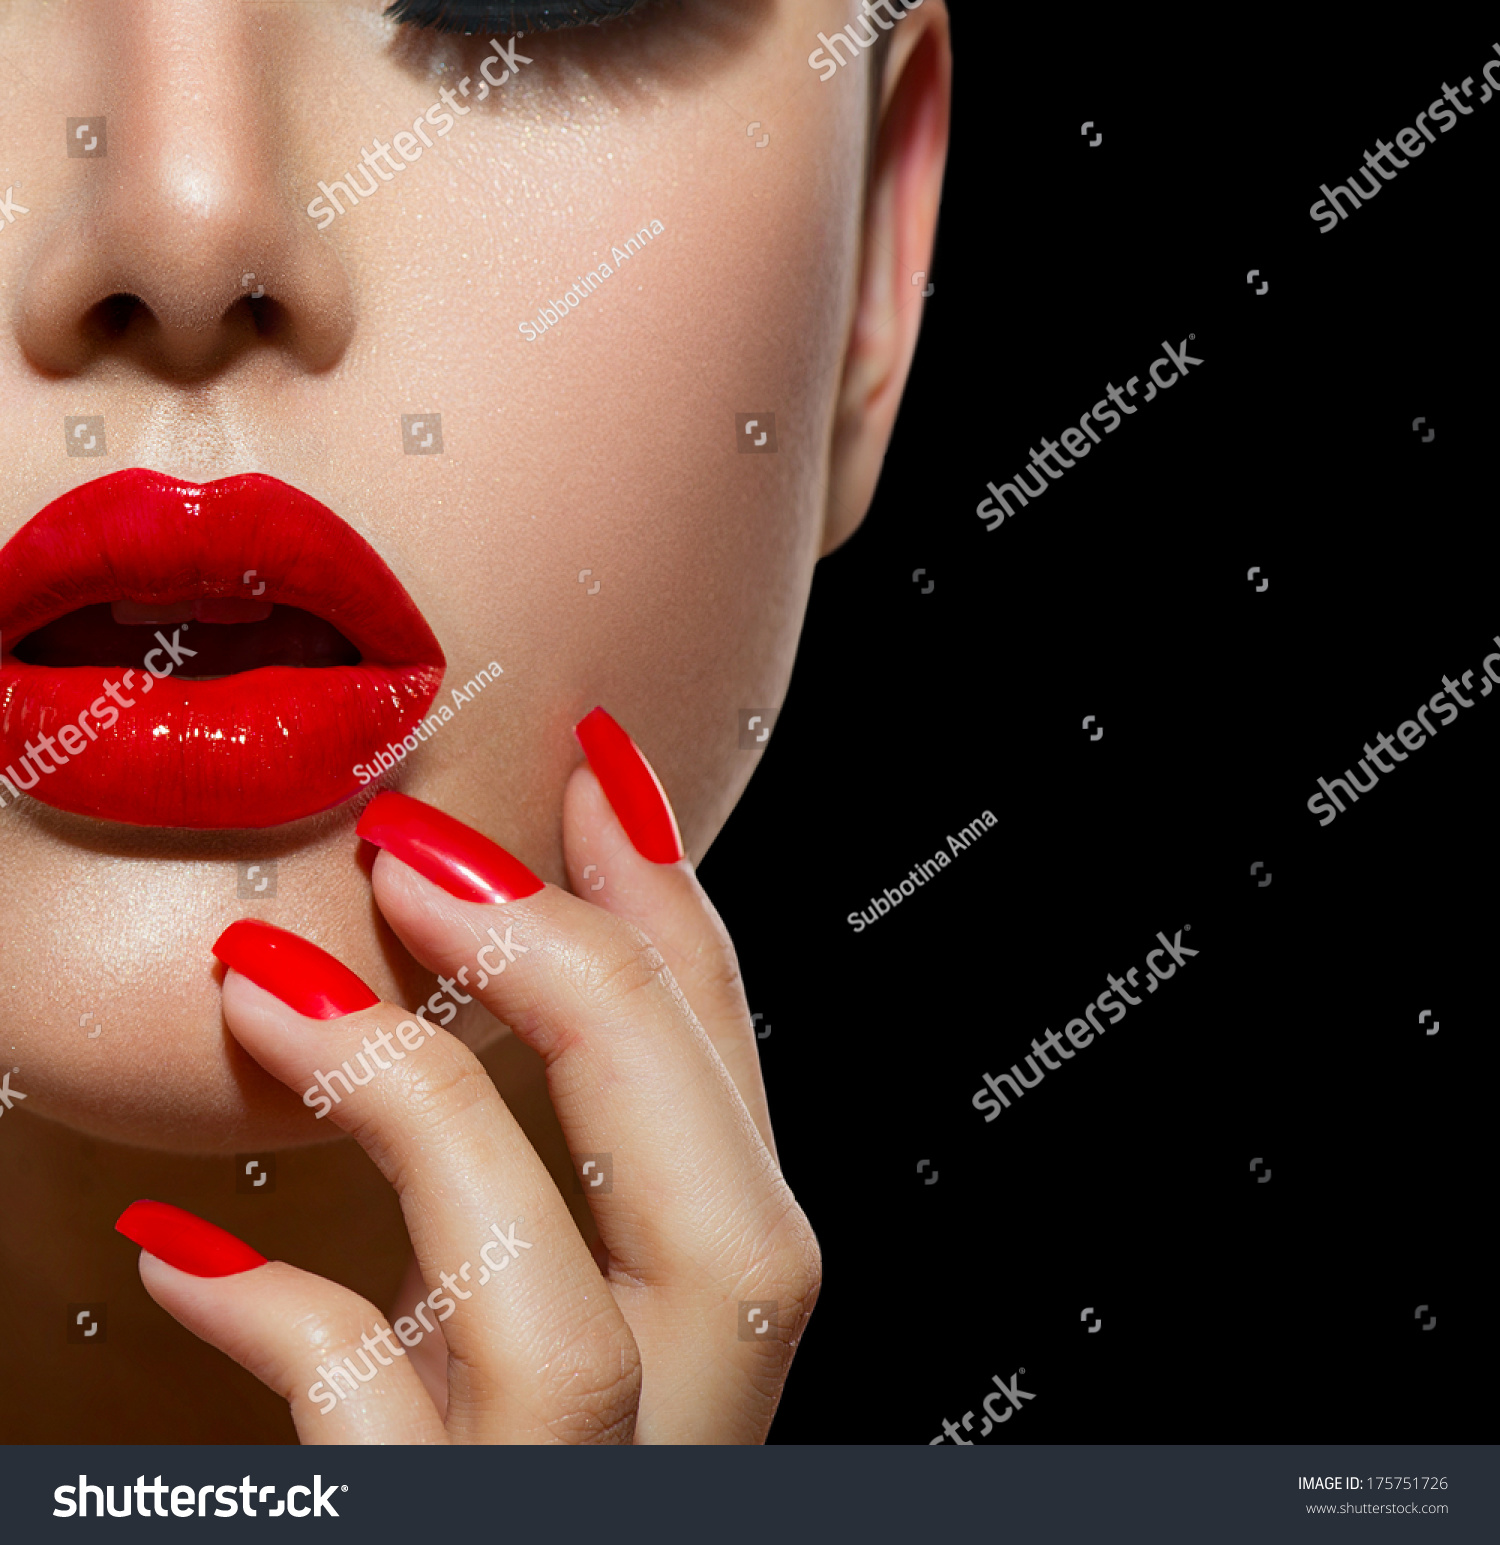 Самые сексуальные губы фото 10 фотография